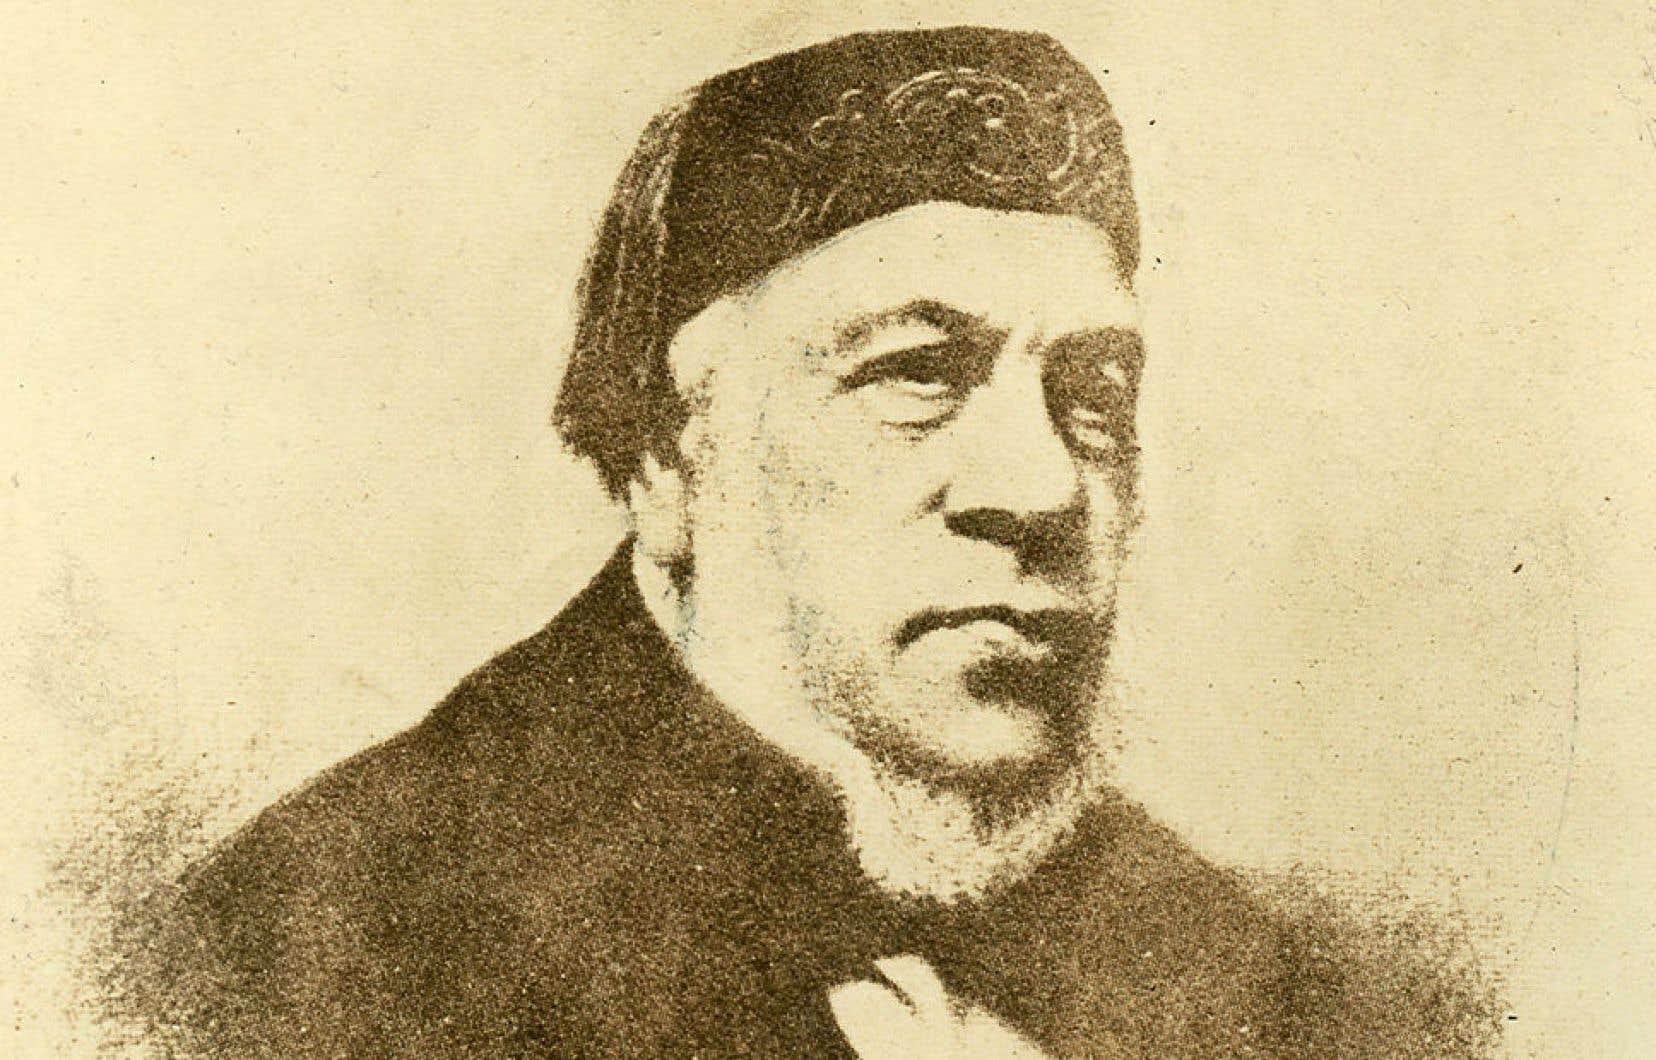 Né en Écosse, mais plus anglo-saxon que celtique d'esprit, Adam Thom (1802-1890) défend l'unité de l'Empire britannique, dont il vante la suprématie sur les Français ou les Canadiens d'alors, descendants de Français.